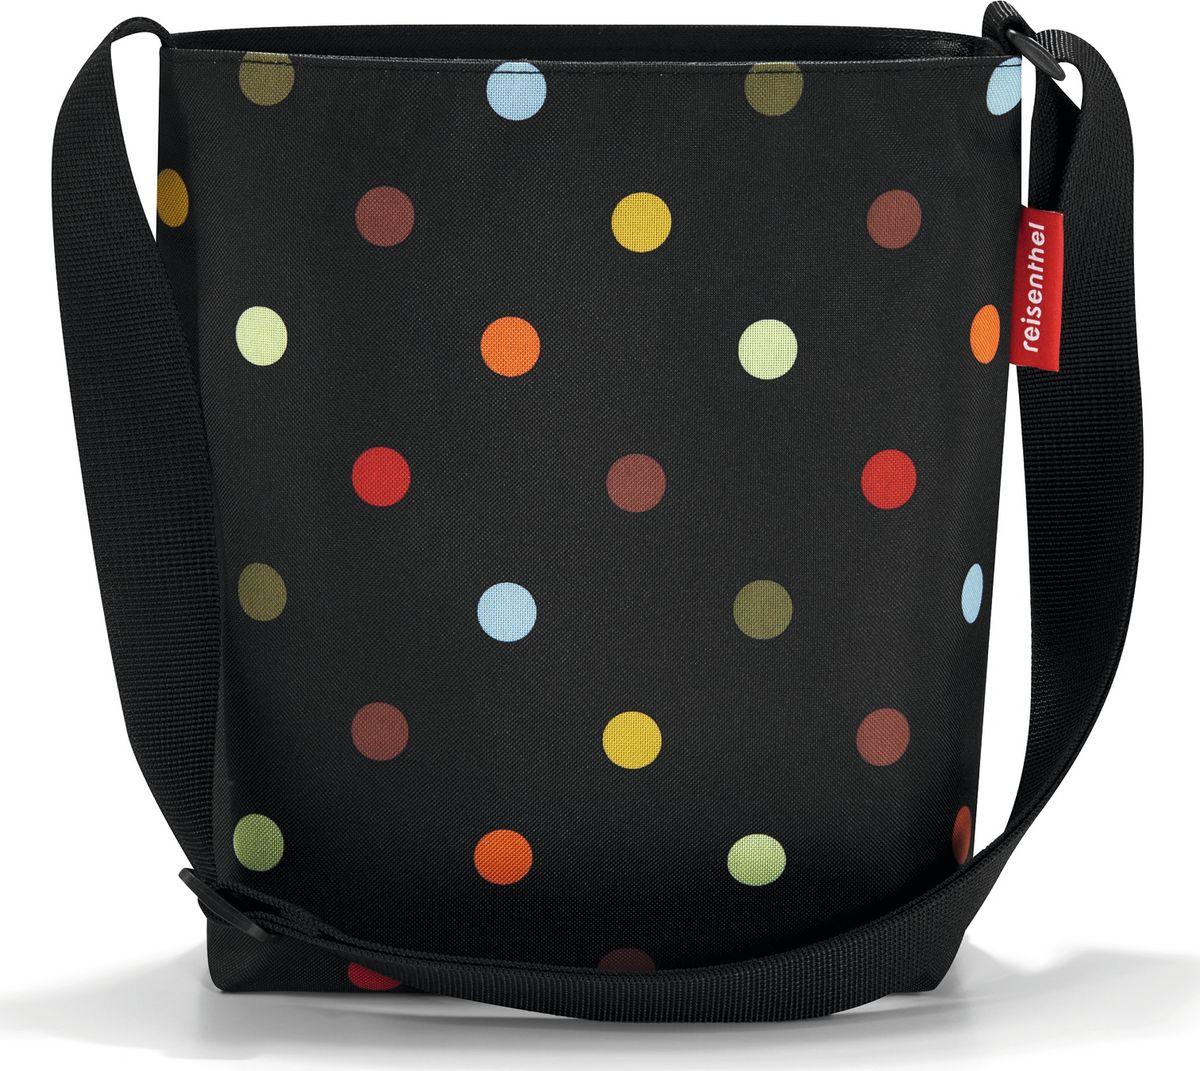 Сумка женская Reisenthel Shoulderbag S, цвет: черный. HY7009HY7009Простая, но очень вместительная сумка на плечо. Сочетание нескольких цветов позволяет носить сумку со множеством самых разных нарядов, не изменяя собственному стилю. Застегивается на молнию. Широкий удобный ремень регулируемой длины.